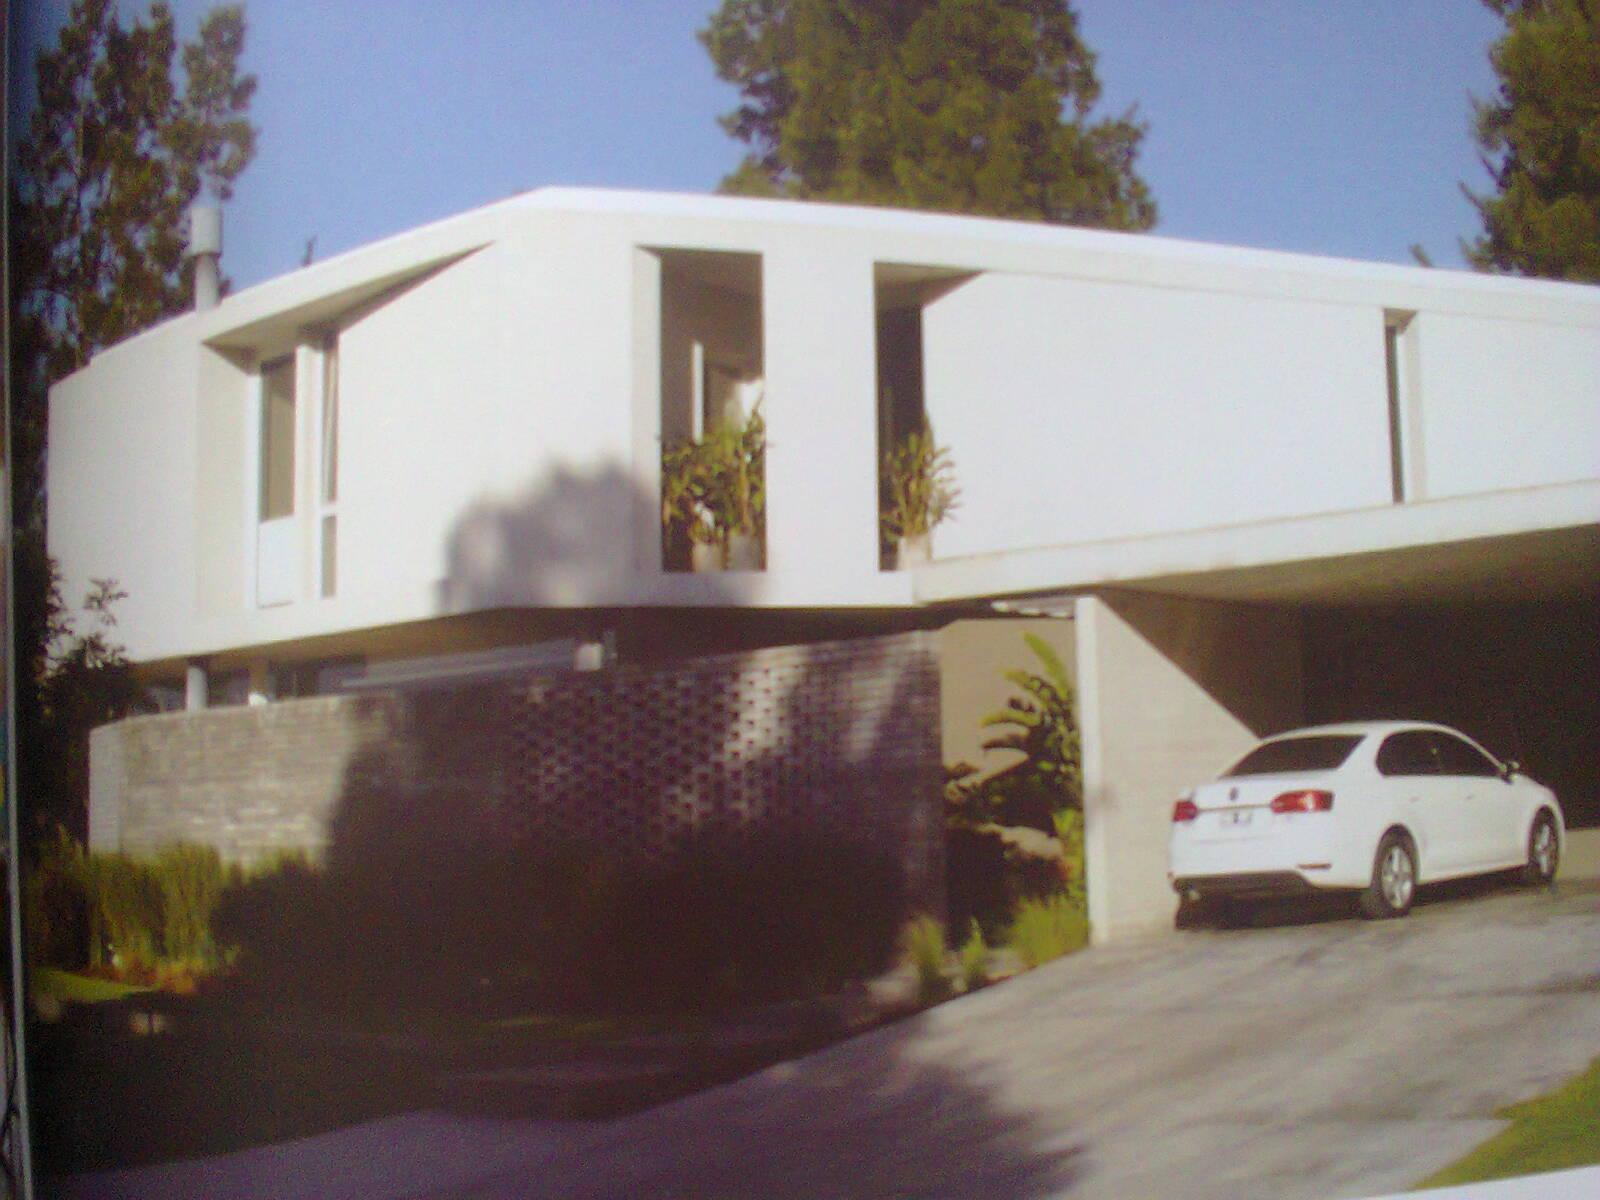 Arquitectura y dise o casas minimalistas fachadas y detalles for Proyectos casas minimalistas